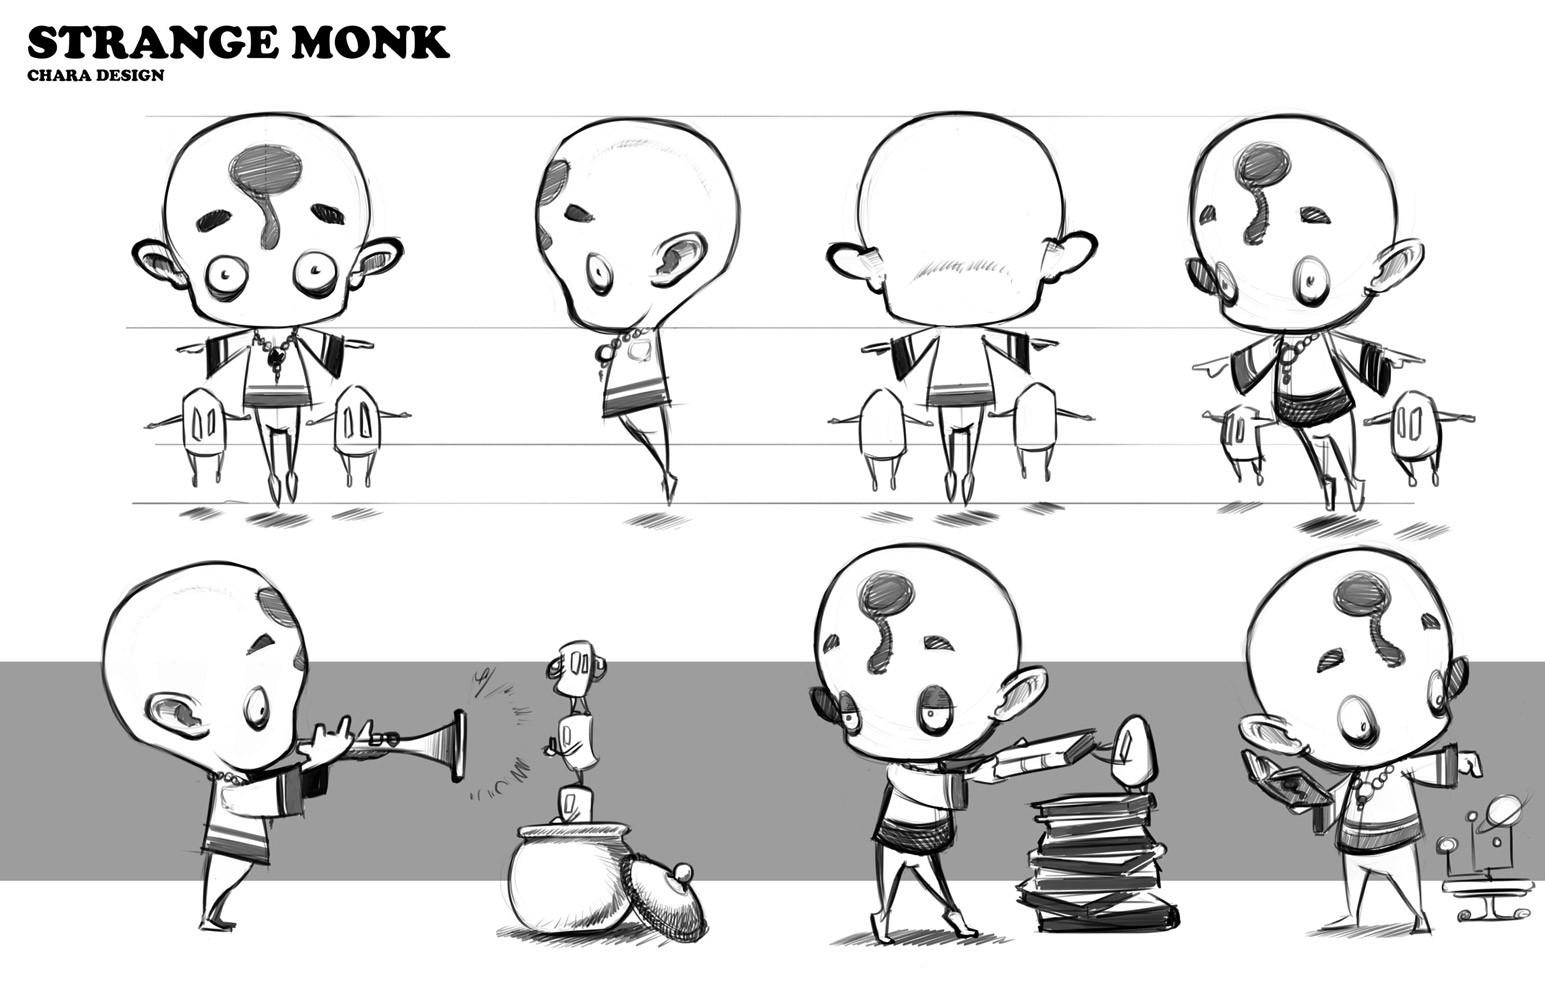 the strange monk